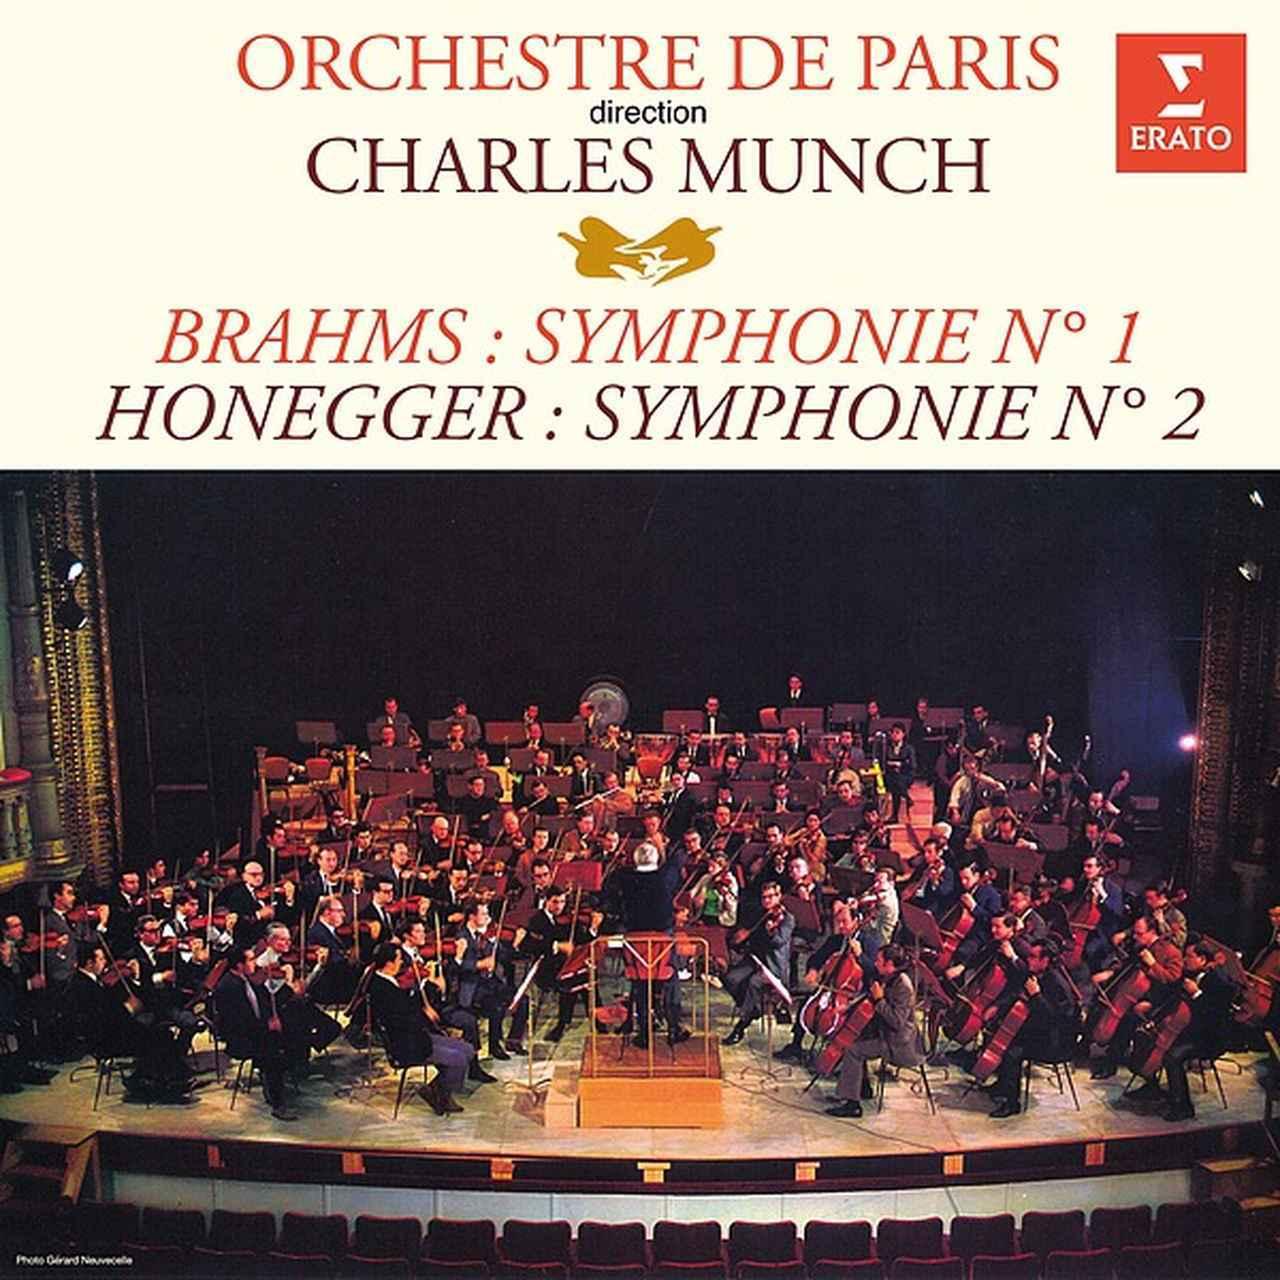 画像: Brahms: Symphony No. 1 - Honegger: Symphony No. 2/Charles Munch